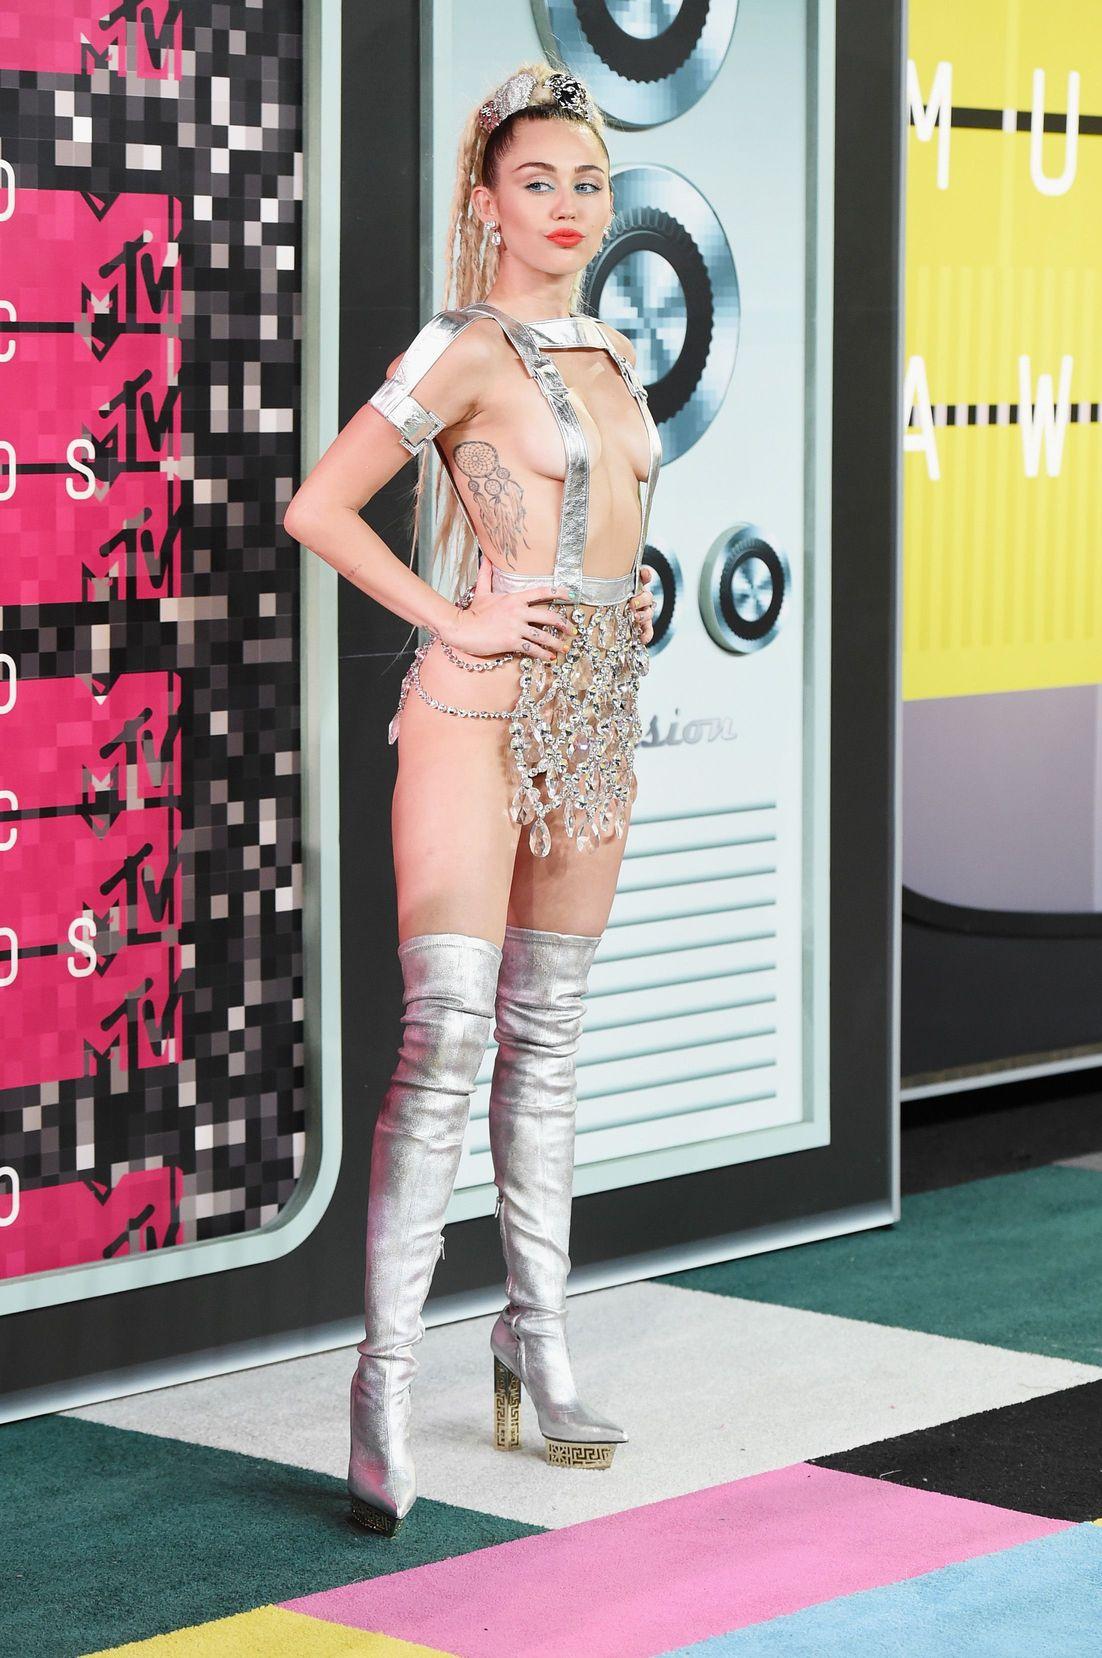 Miley-Cyrus-Sexy-132